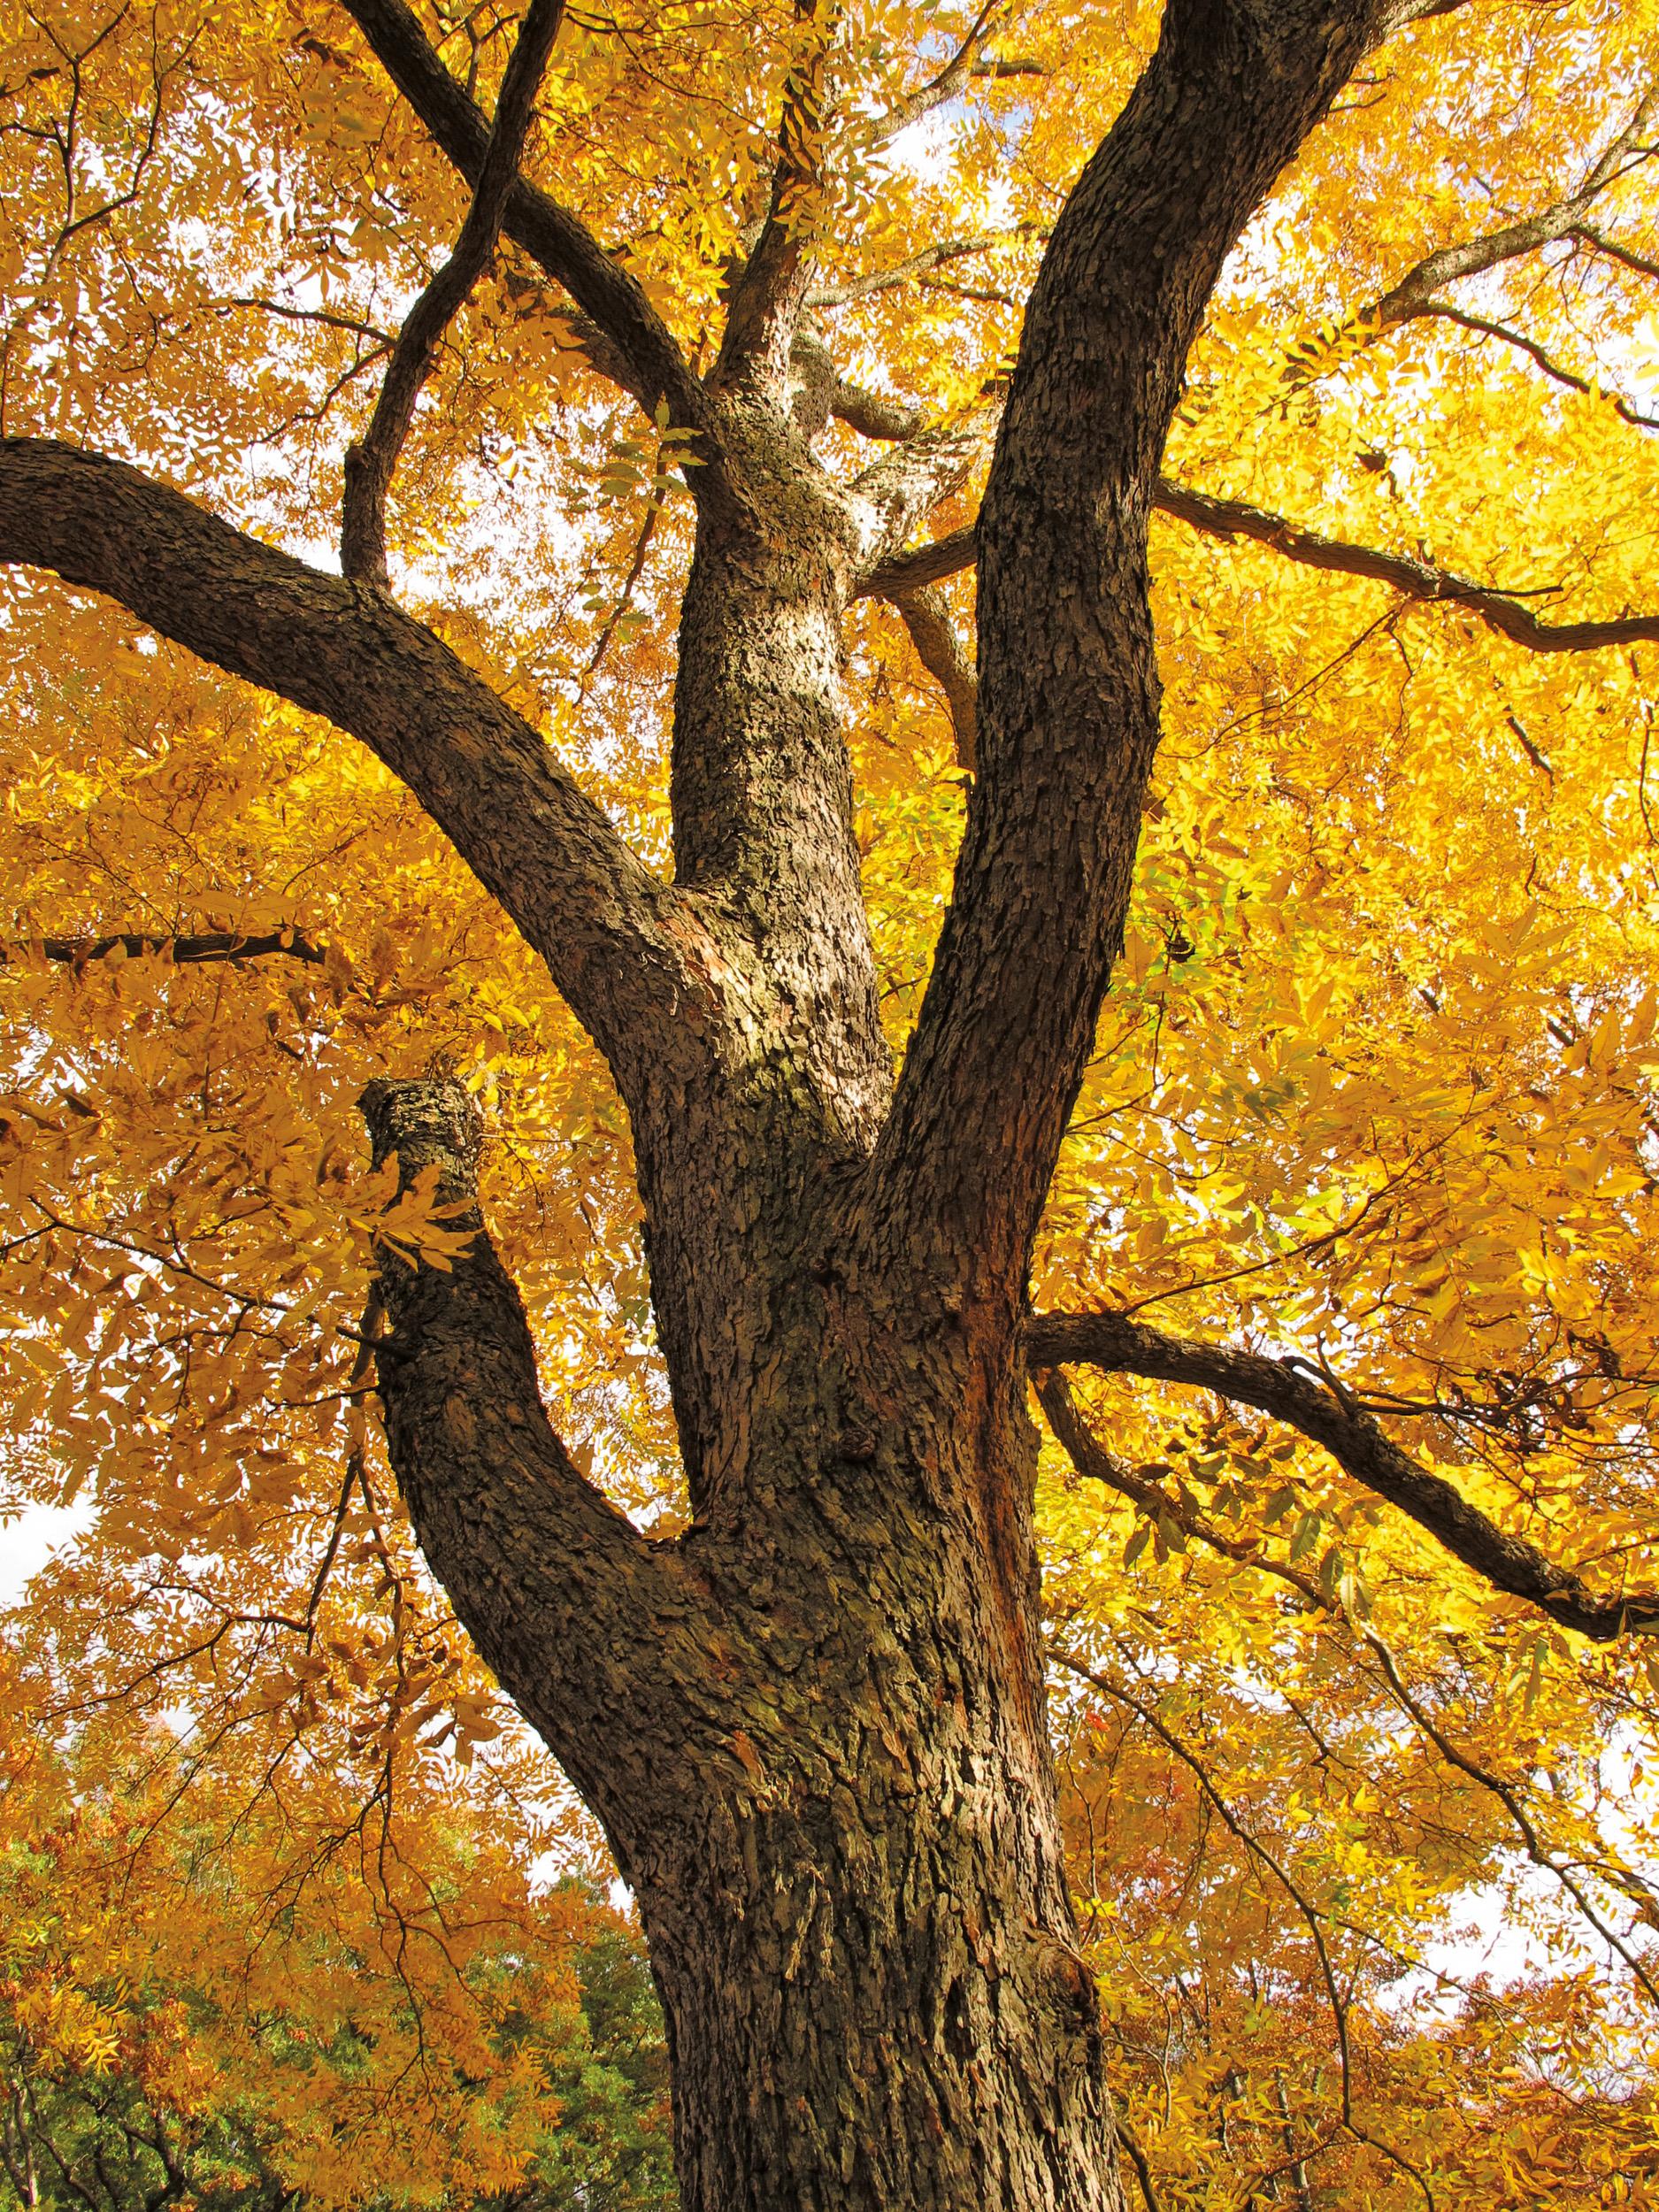 Pecan tree by Michael Dosmann